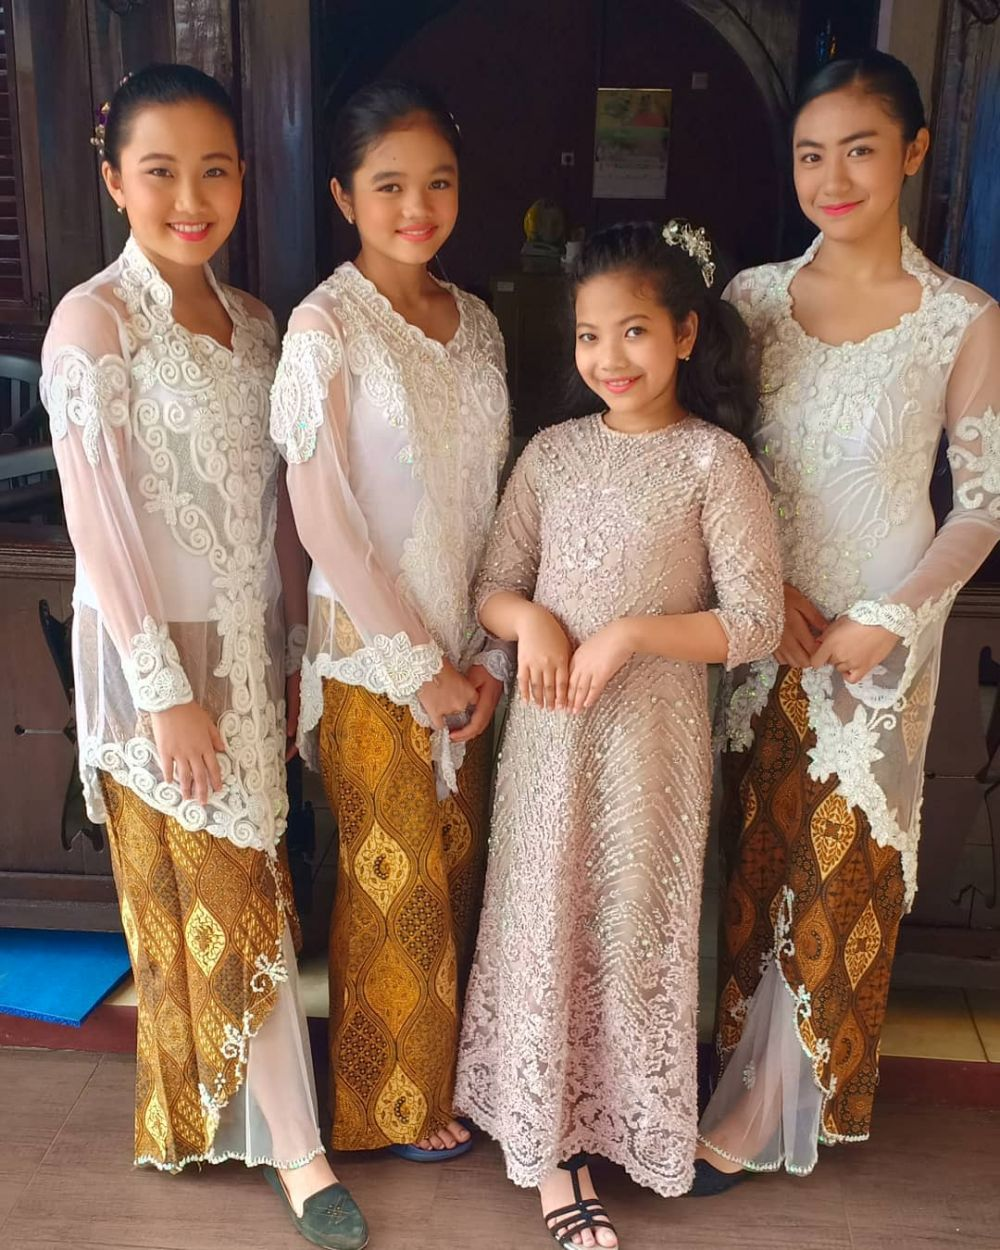 9 Potret Keakraban Anak-anak Kampung Ciraos dari Dunia Terbalik